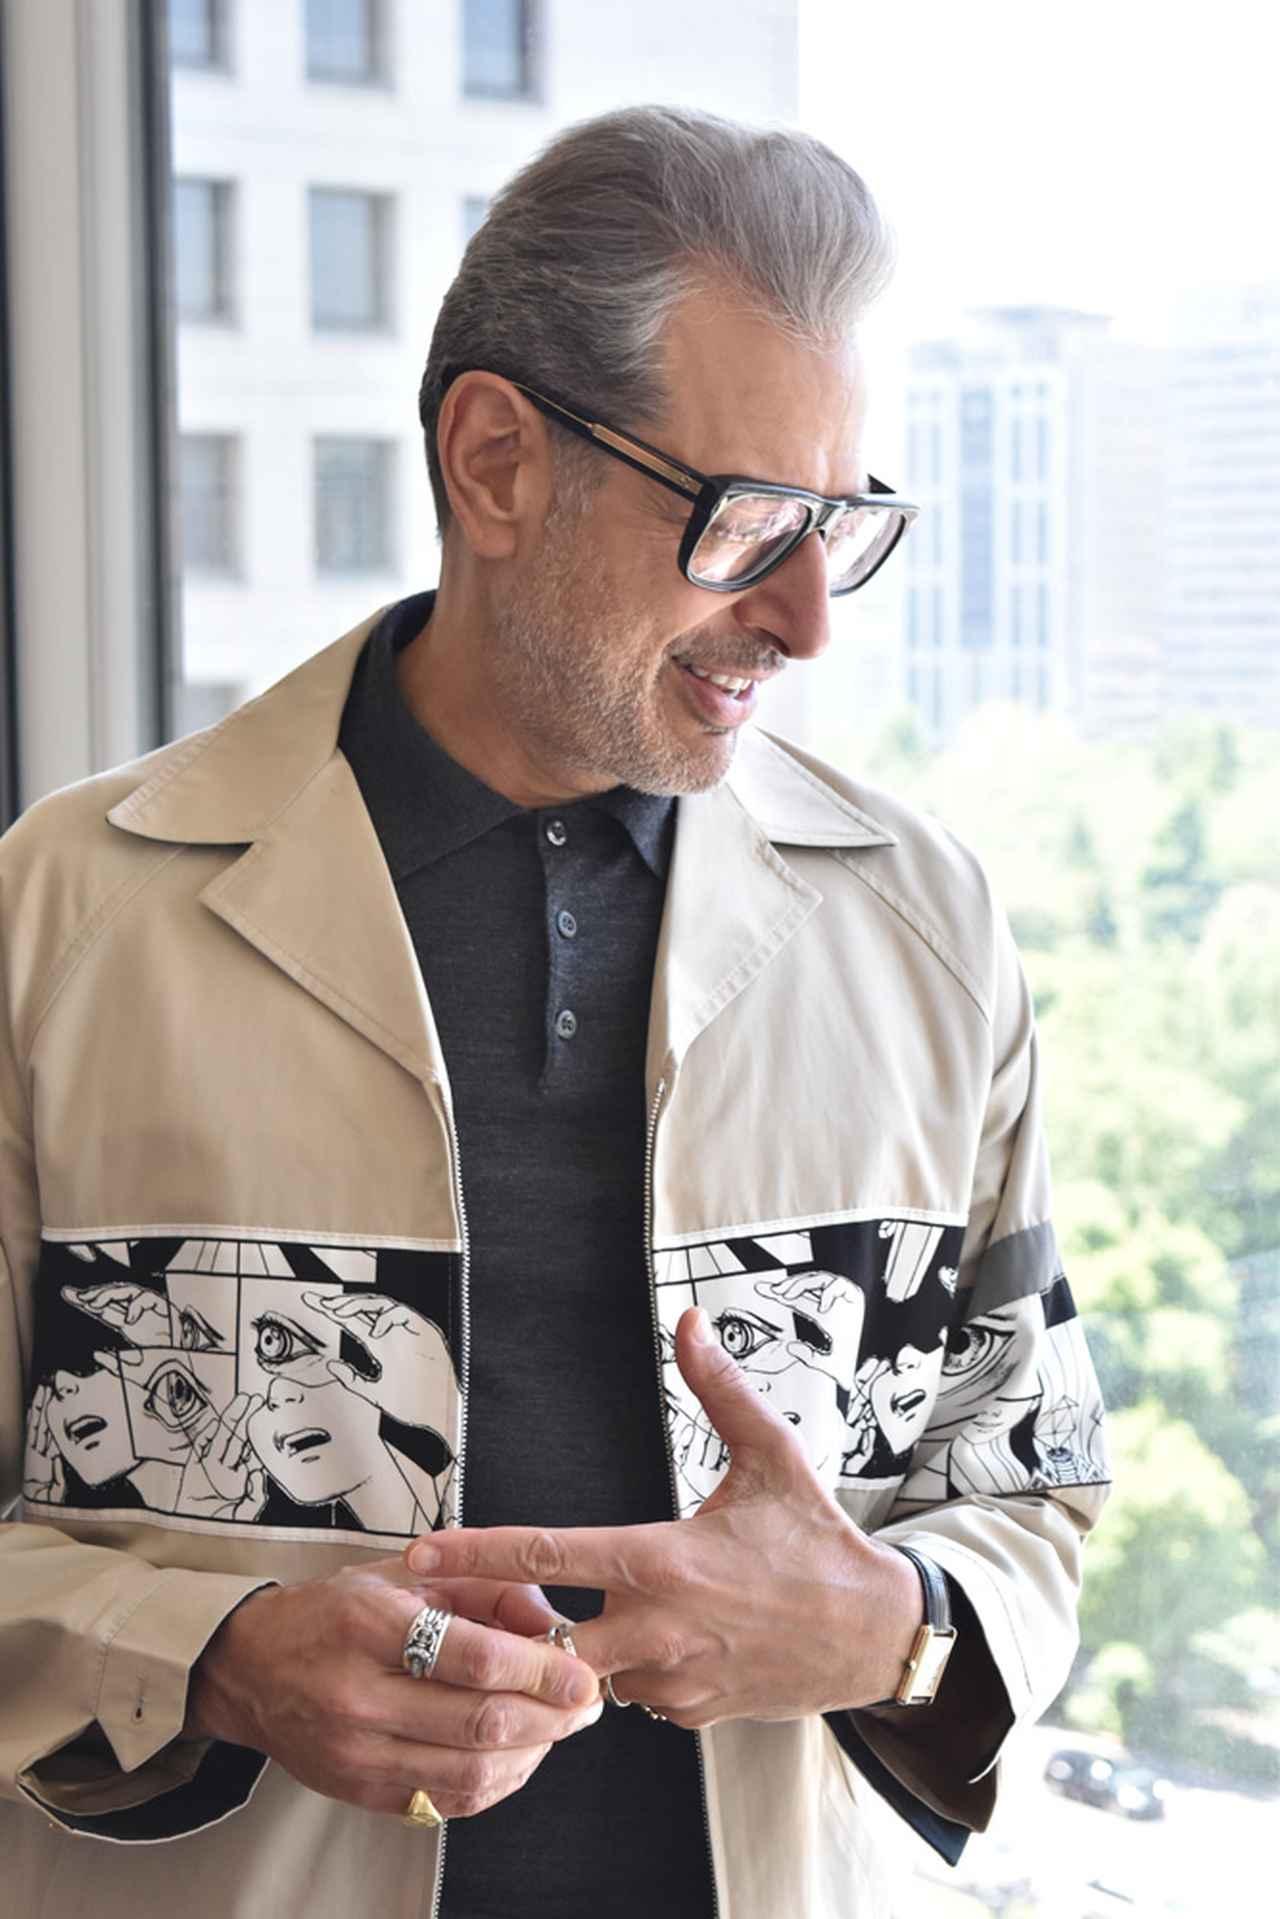 画像2: ウェス・アンダーソン監督の新作『犬ヶ島』 ジェフ・ゴールドブラム×コーユー・ランキン来日インタビュー